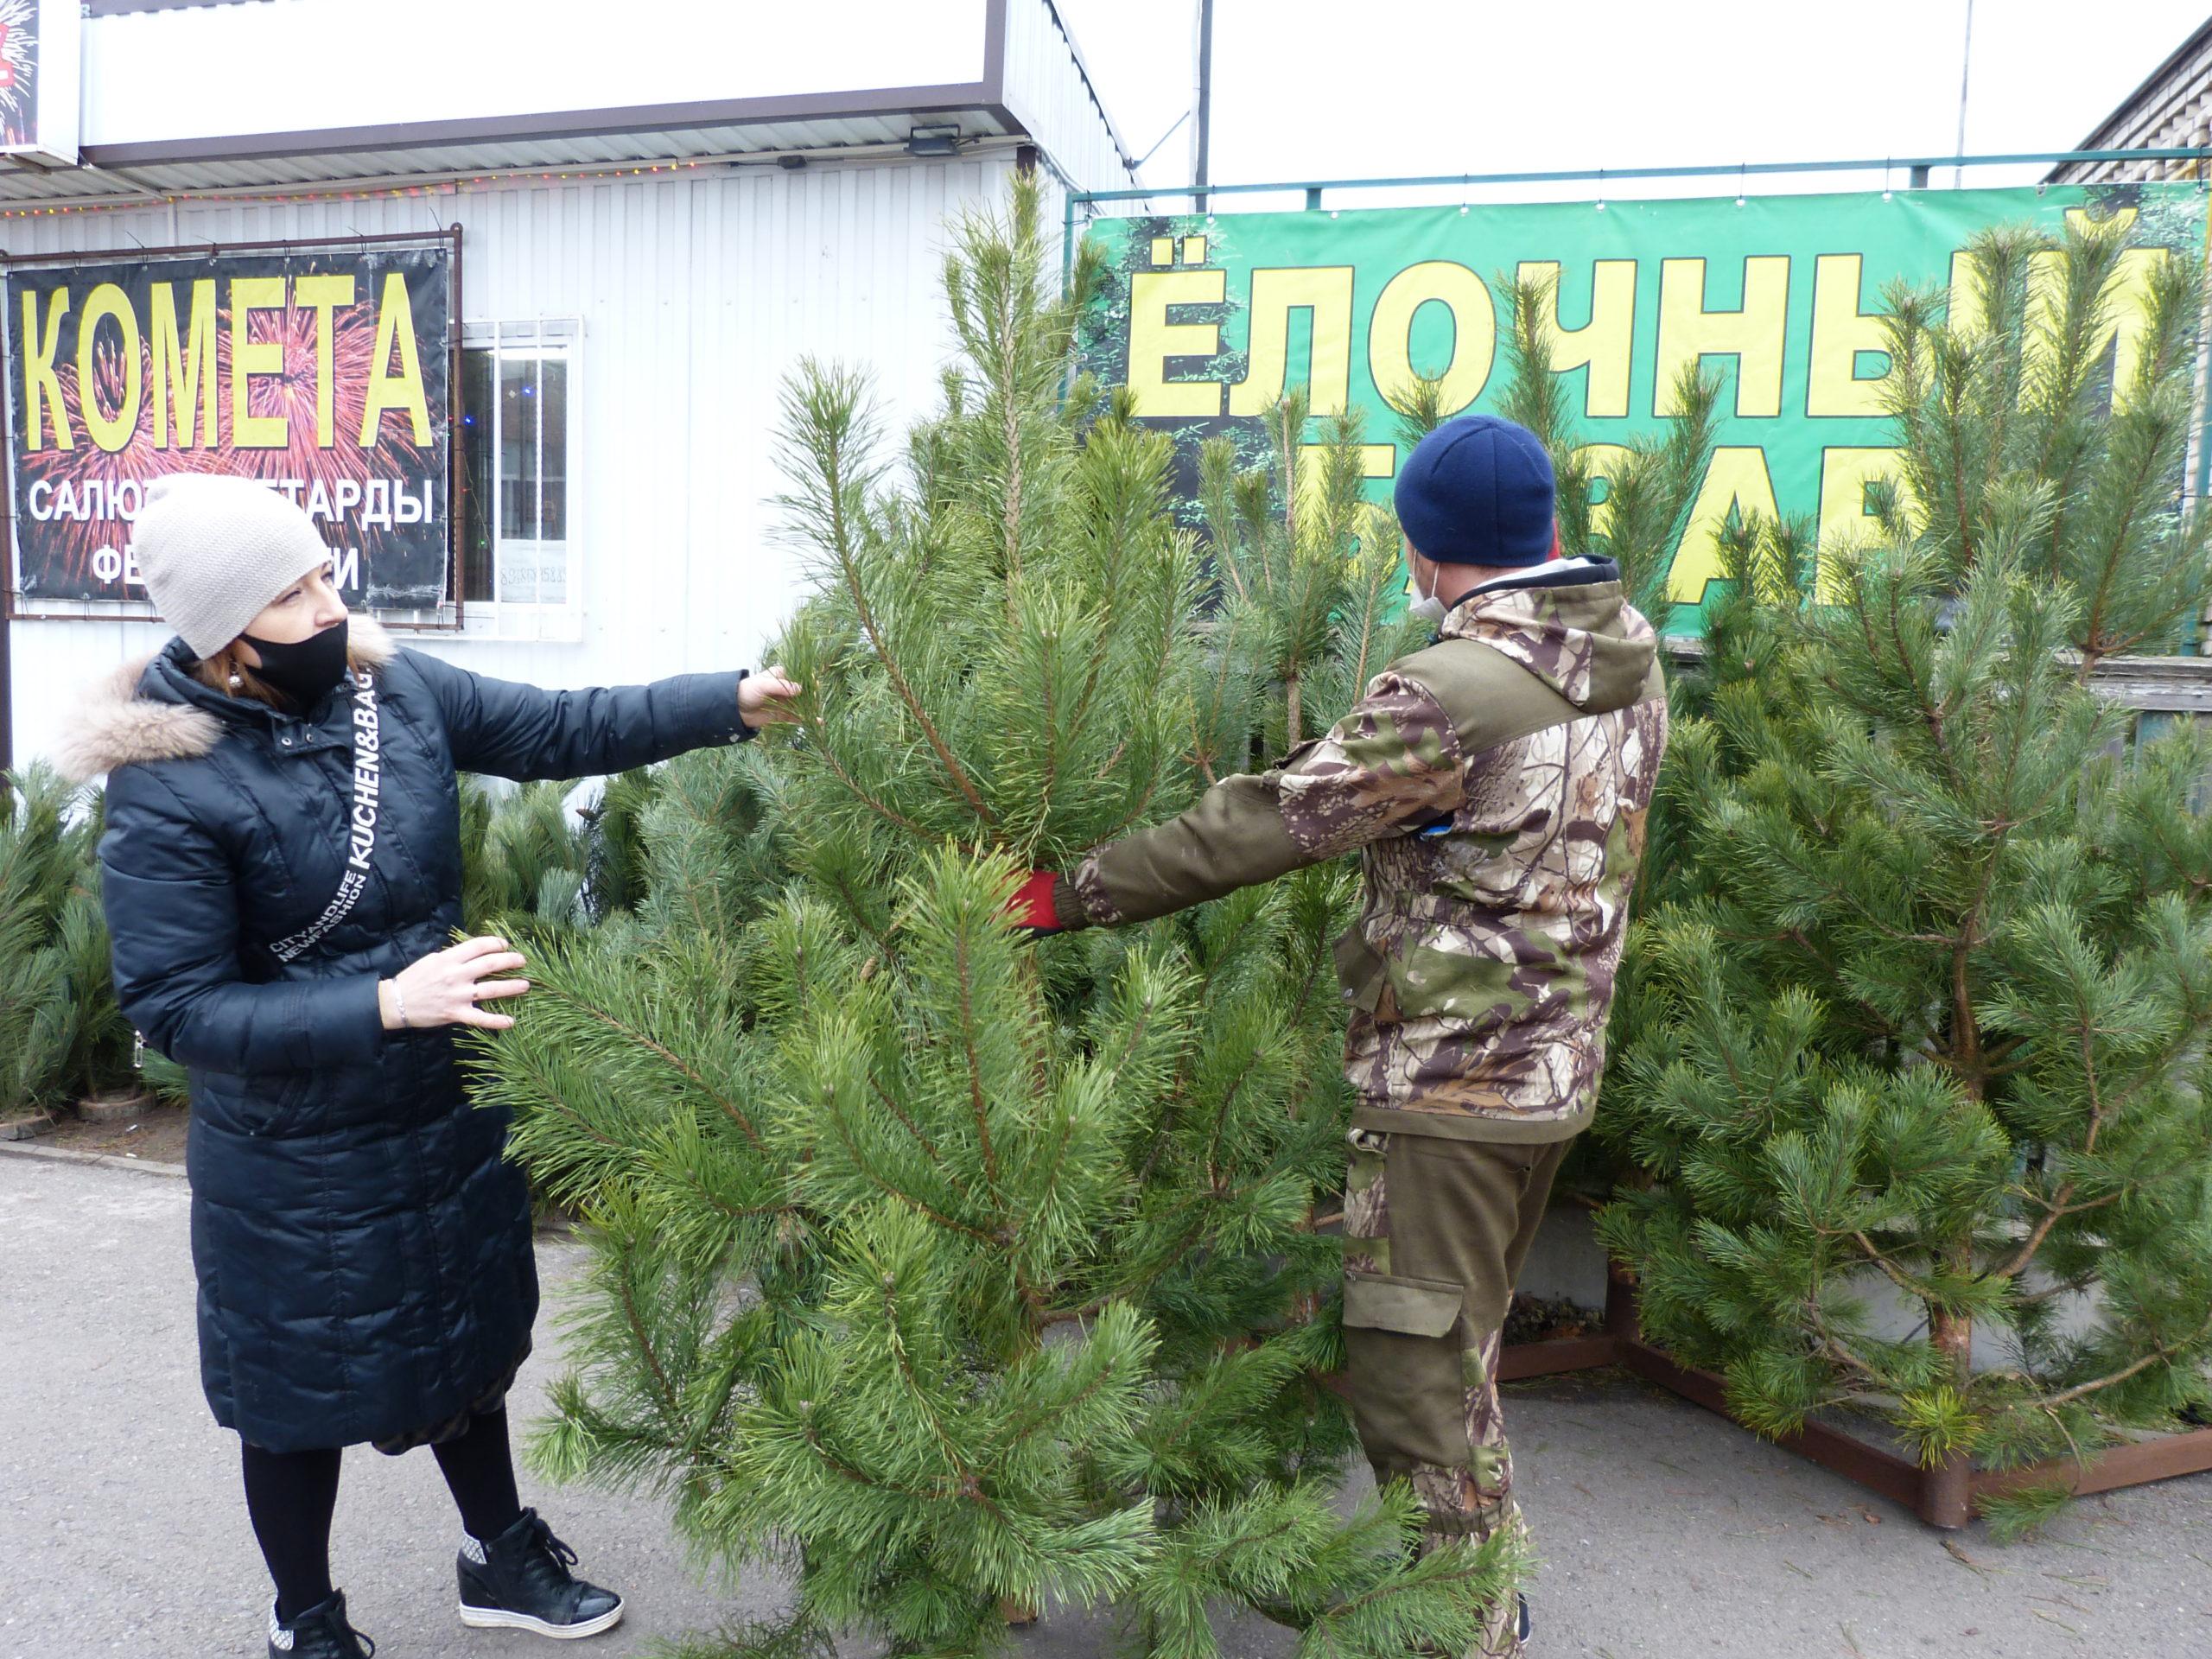 Елочные базары открылись в Егорлыкской